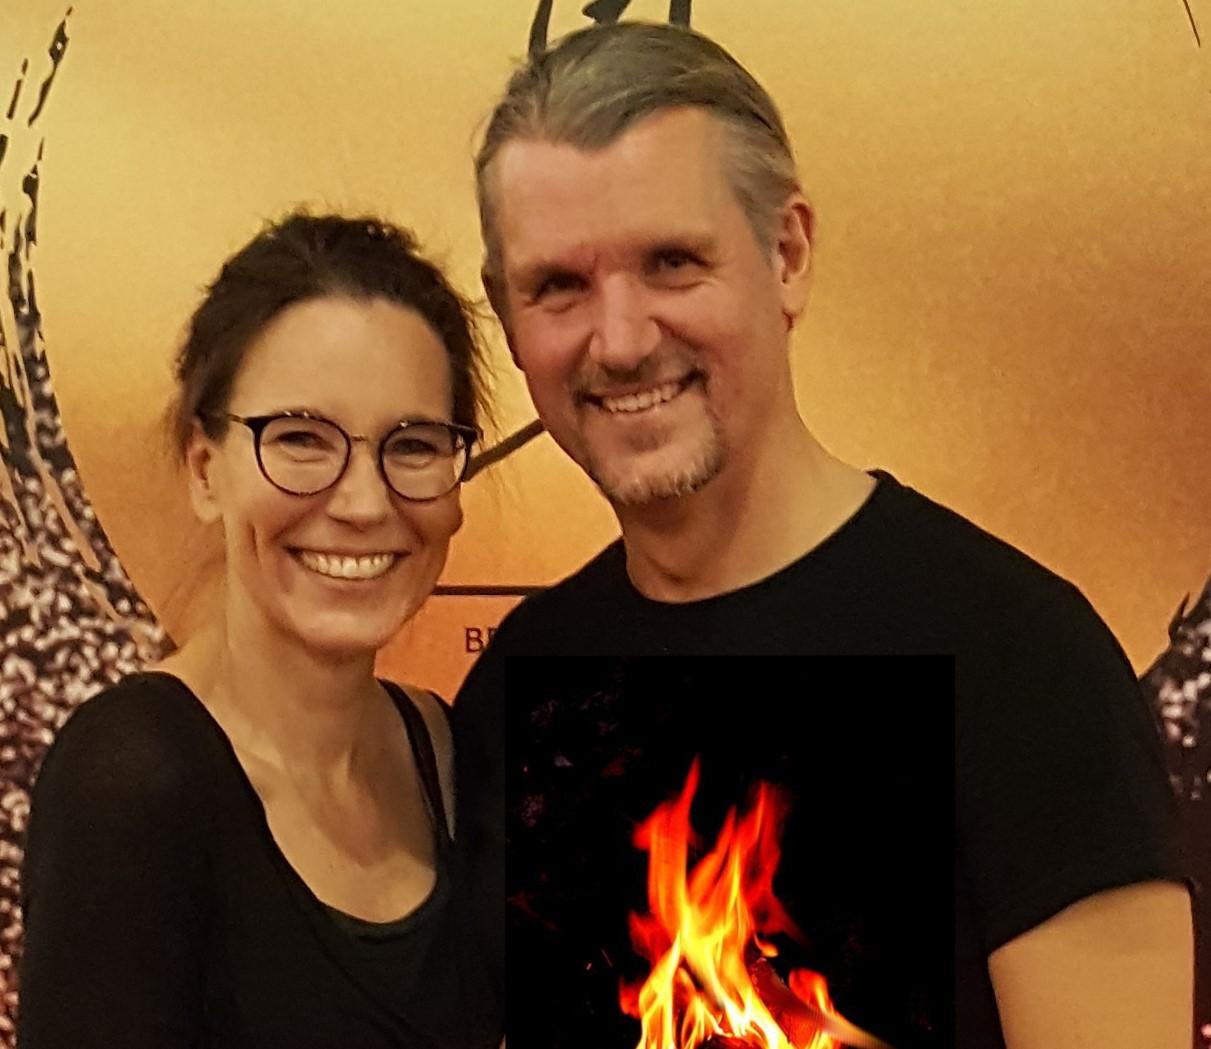 Anka Zips & Carsten Kühl